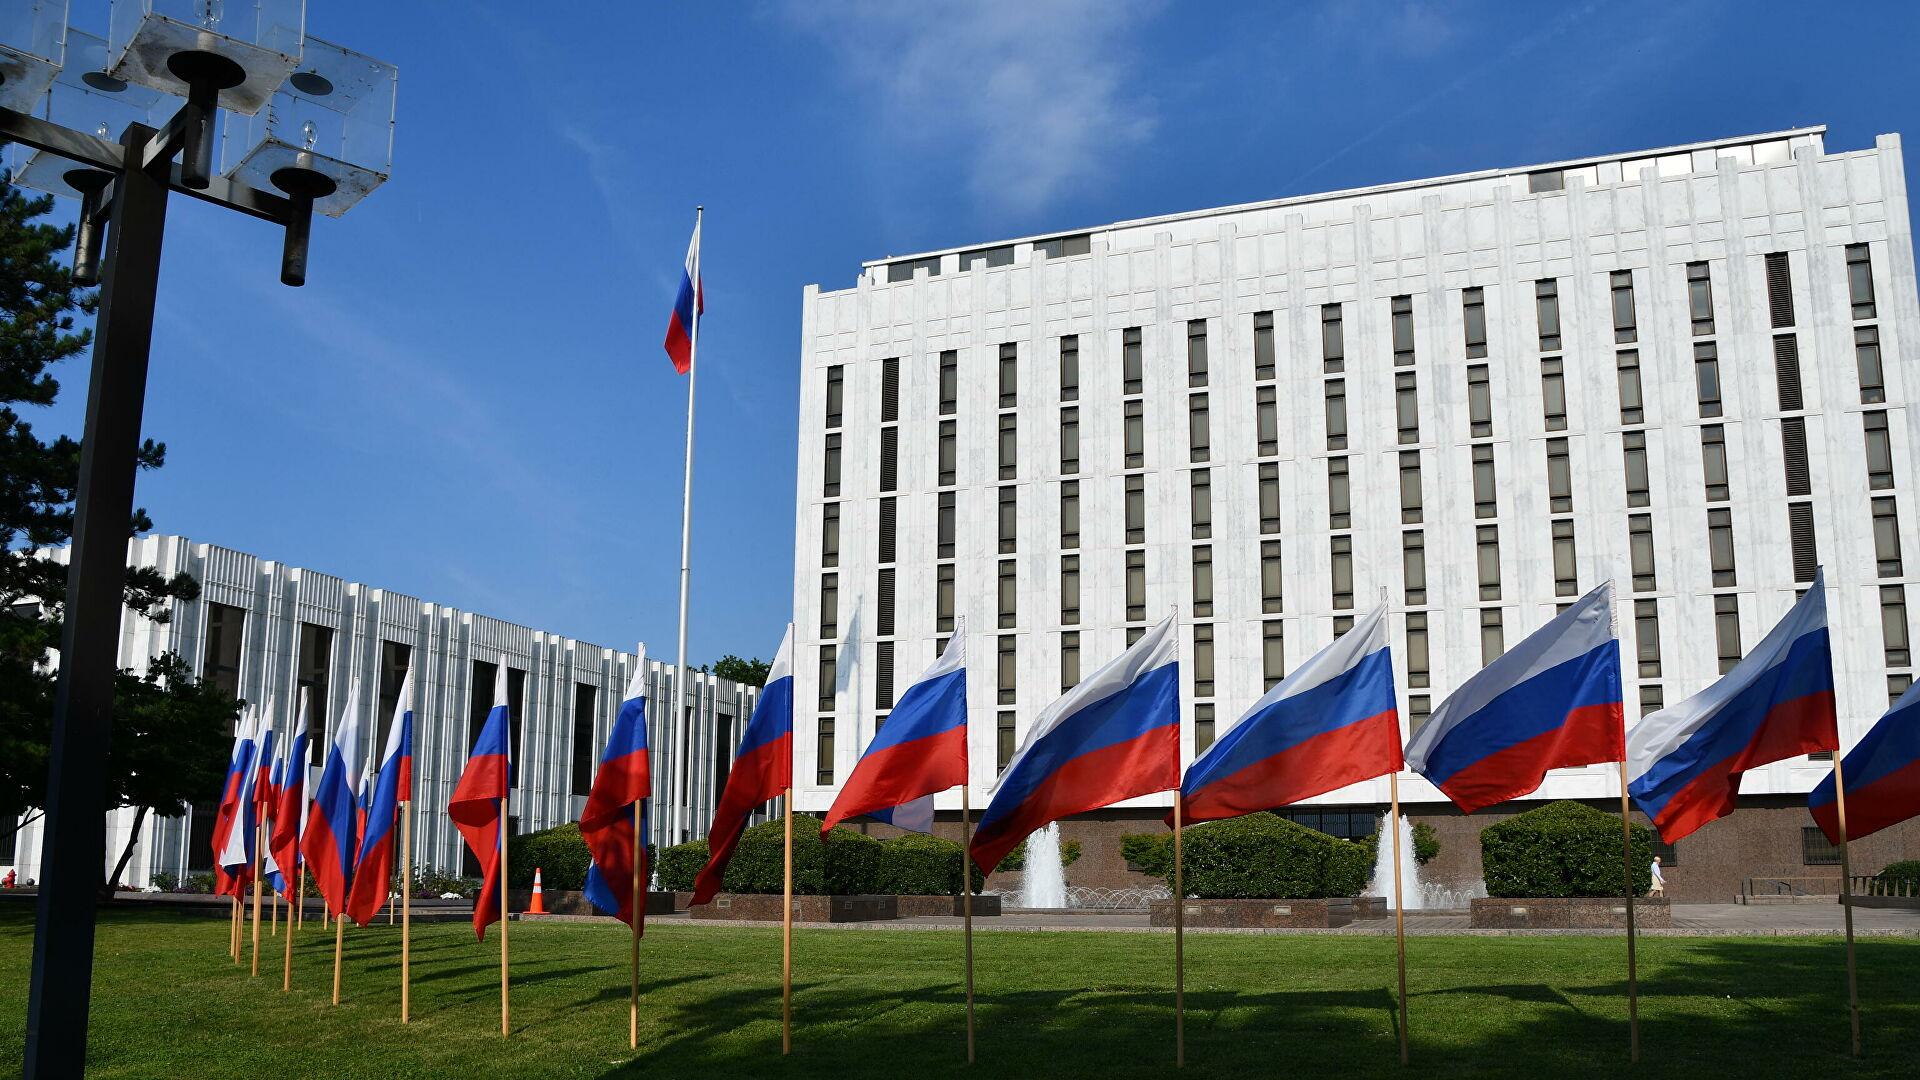 Руска амбасада: Непромишљене изјаве америчких лидера прете да сруше односе између Русије и САД